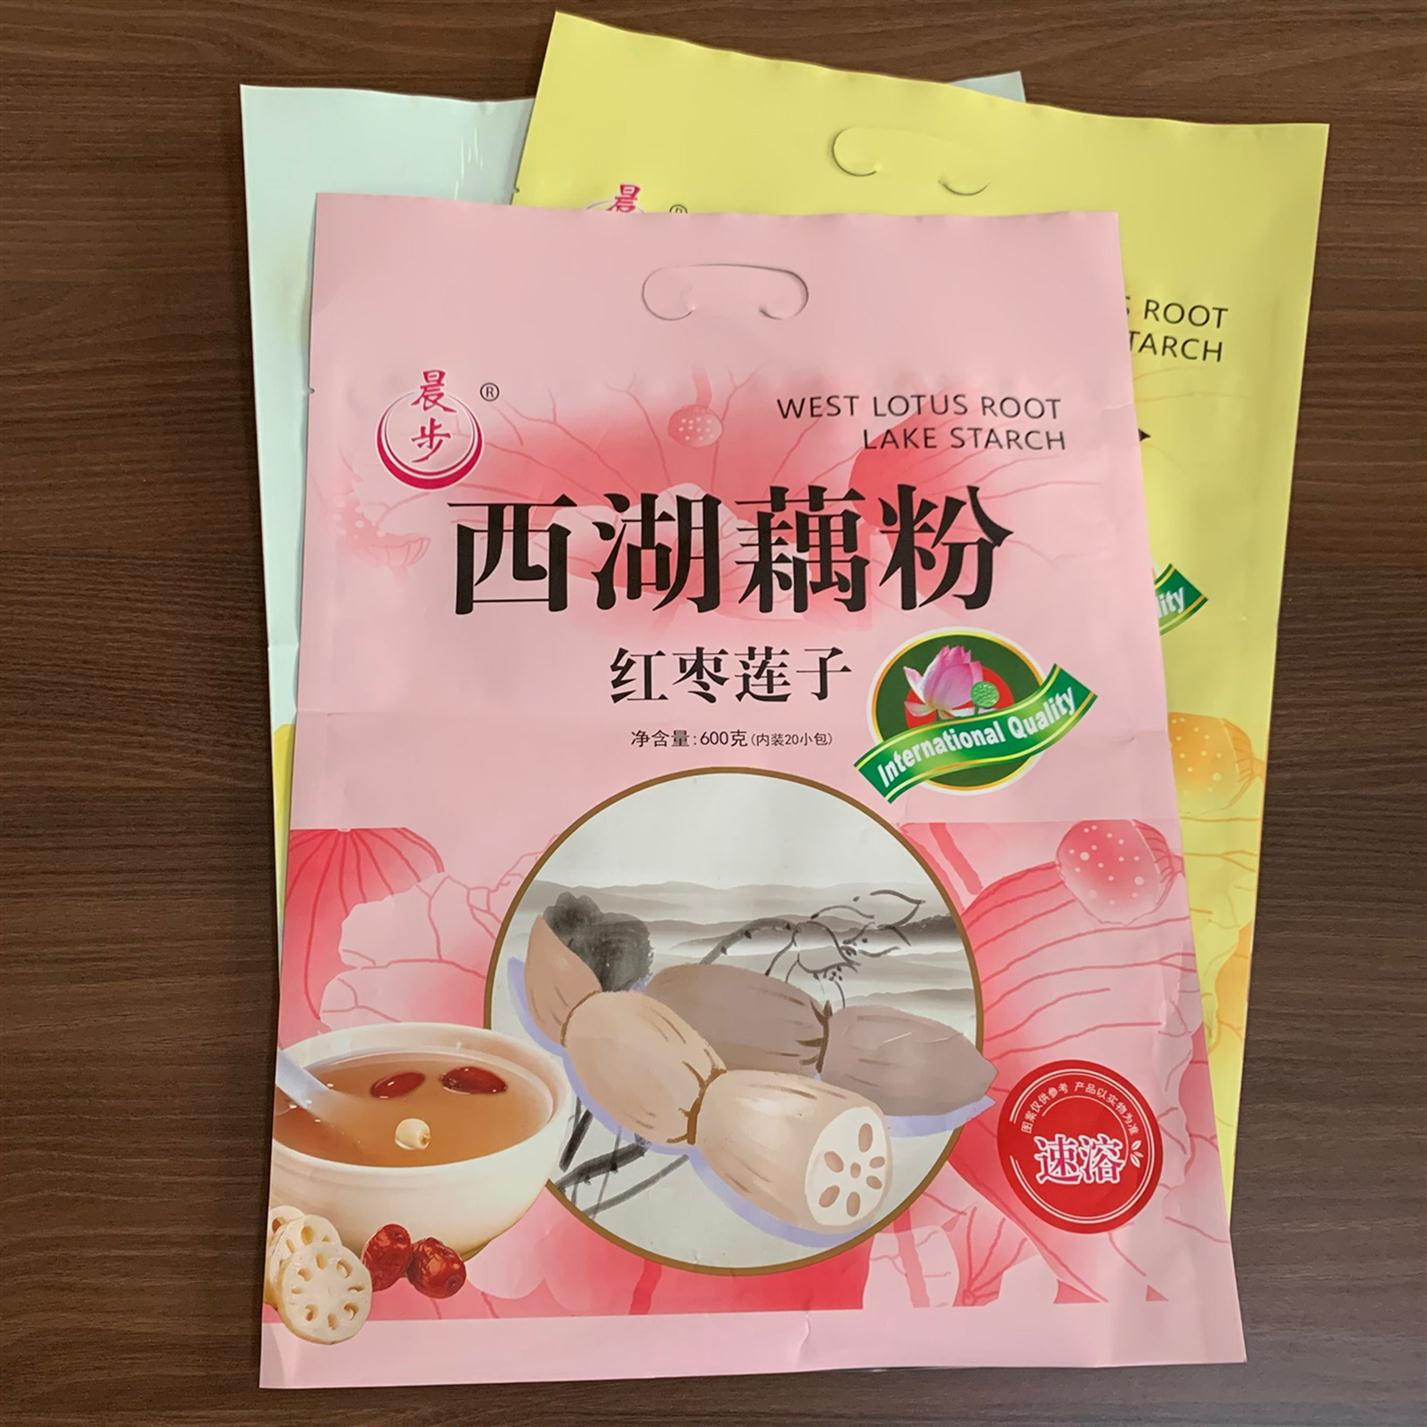 鸡西批发咖啡包装价格 芝麻糊包装 各种规格可定做